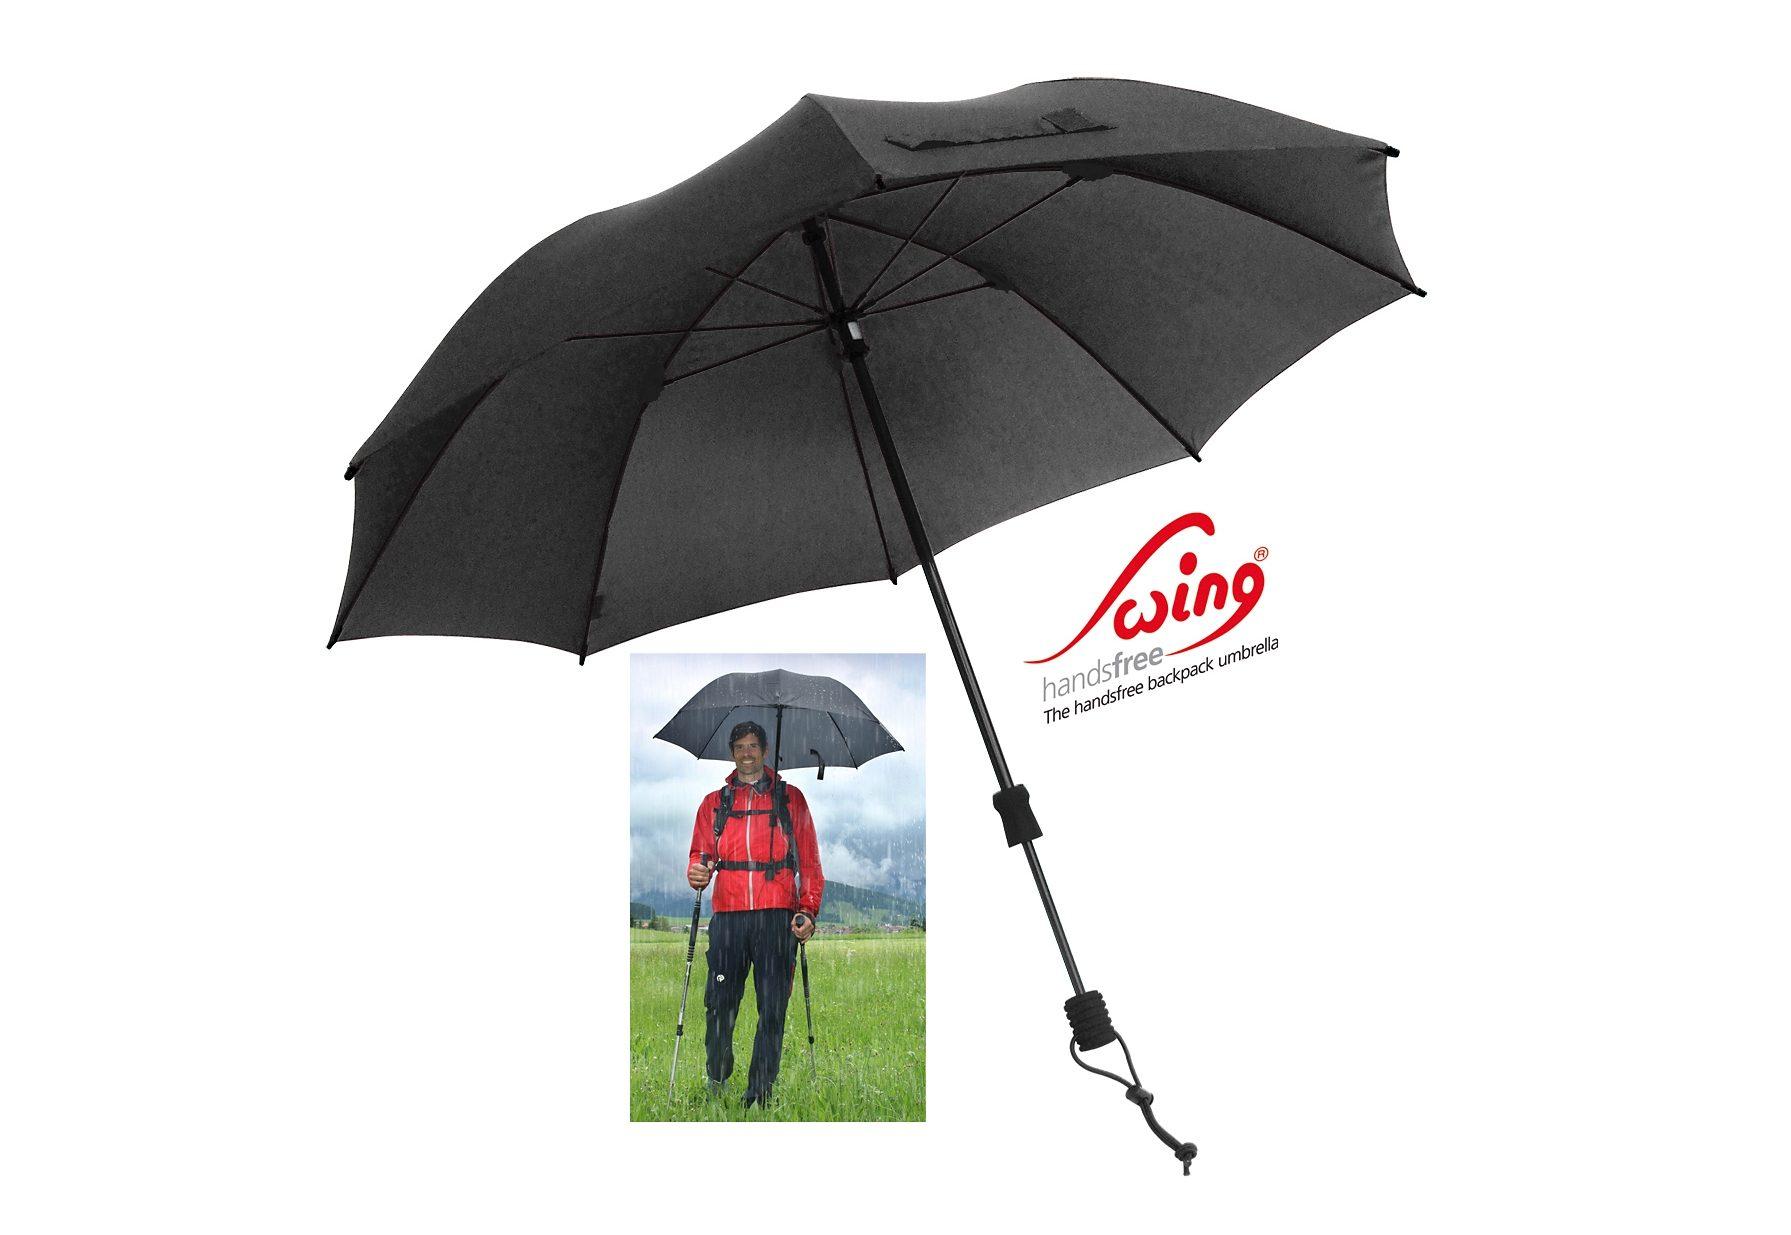 Stockregenschirm ´´Swing handsfree´´ Preisvergleich